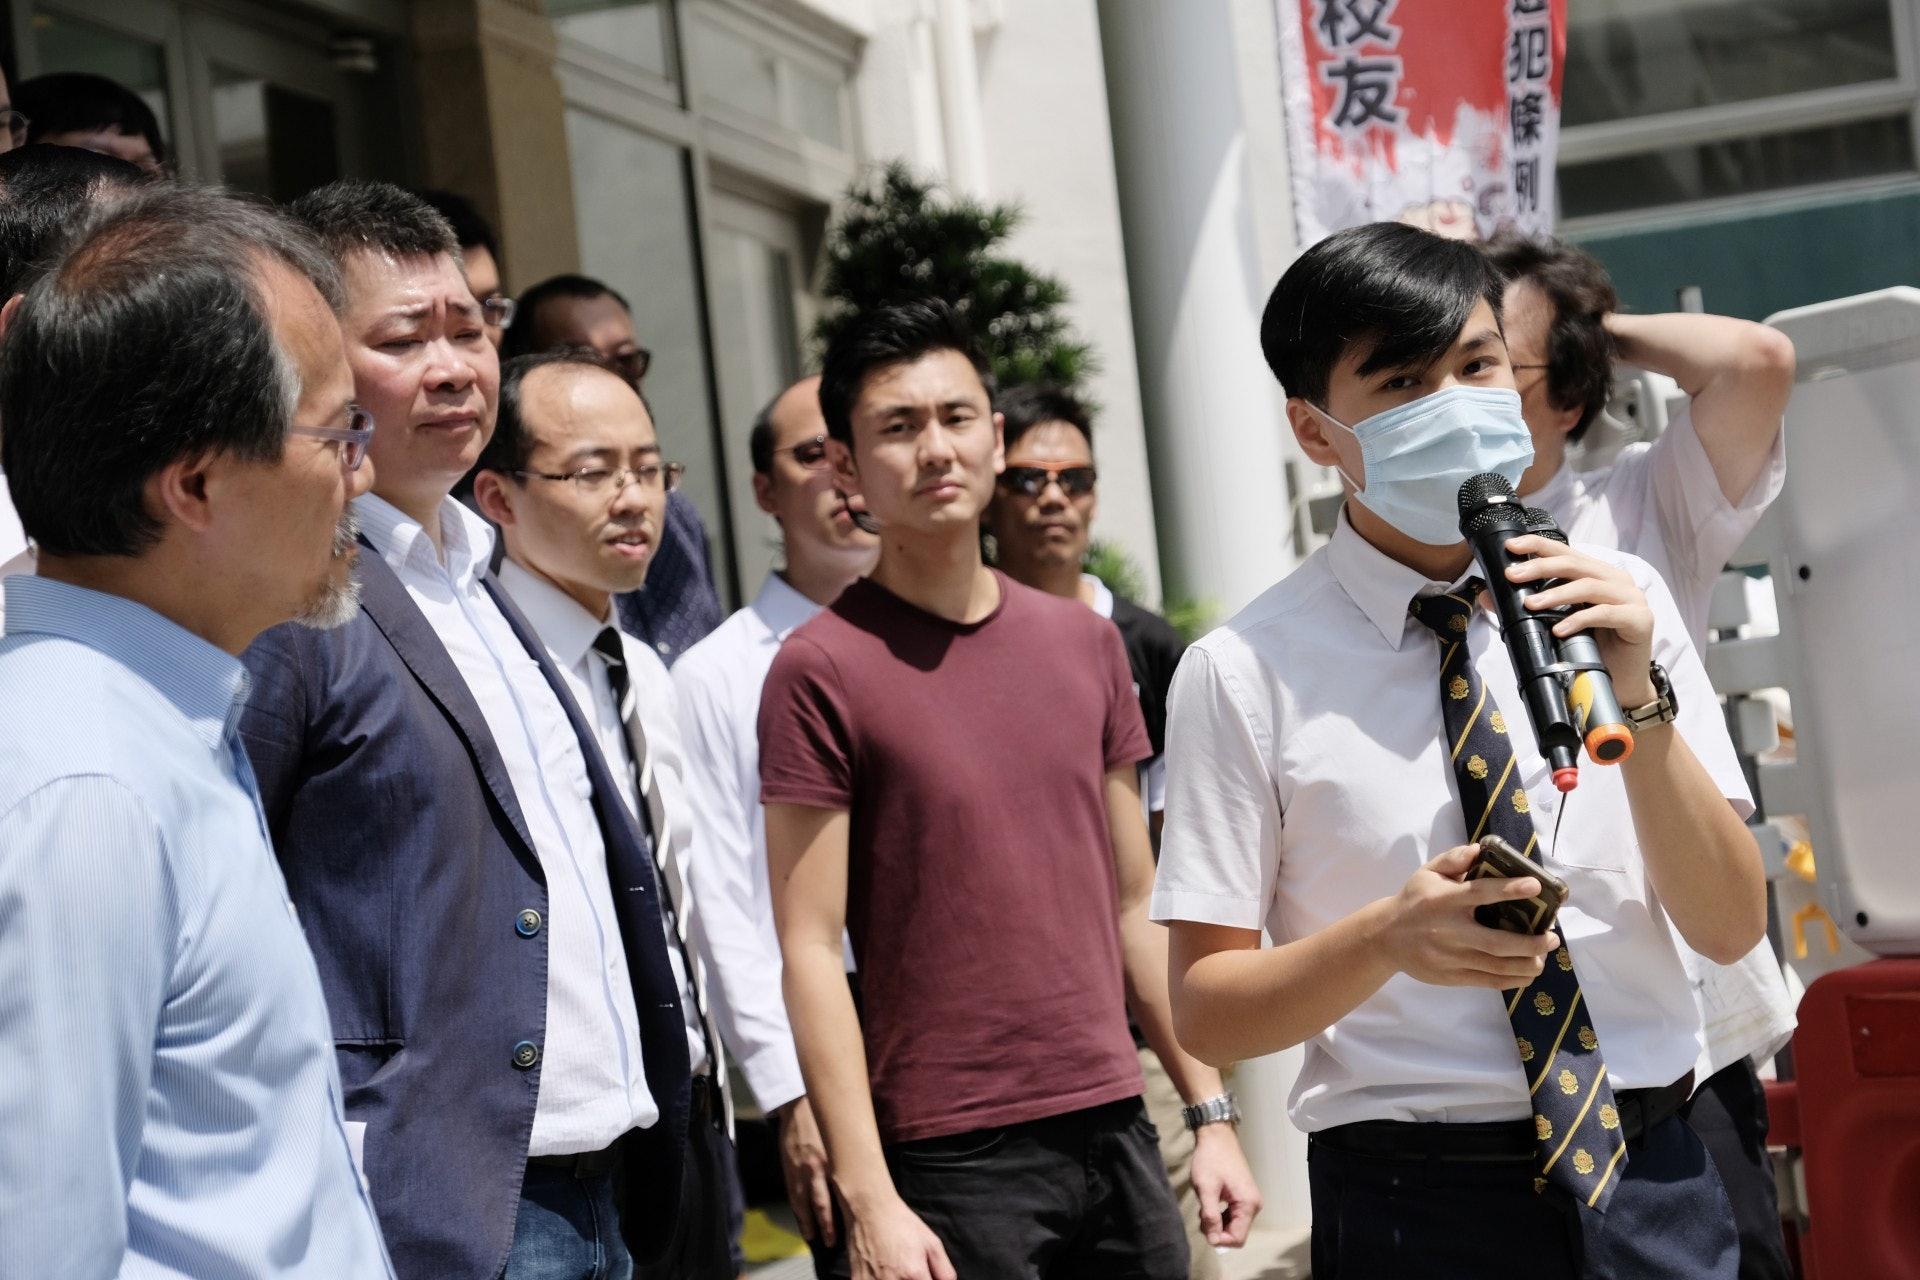 罷課召集人劉同學表示,希望藉罷課宣揚自由意志。(歐嘉樂攝)